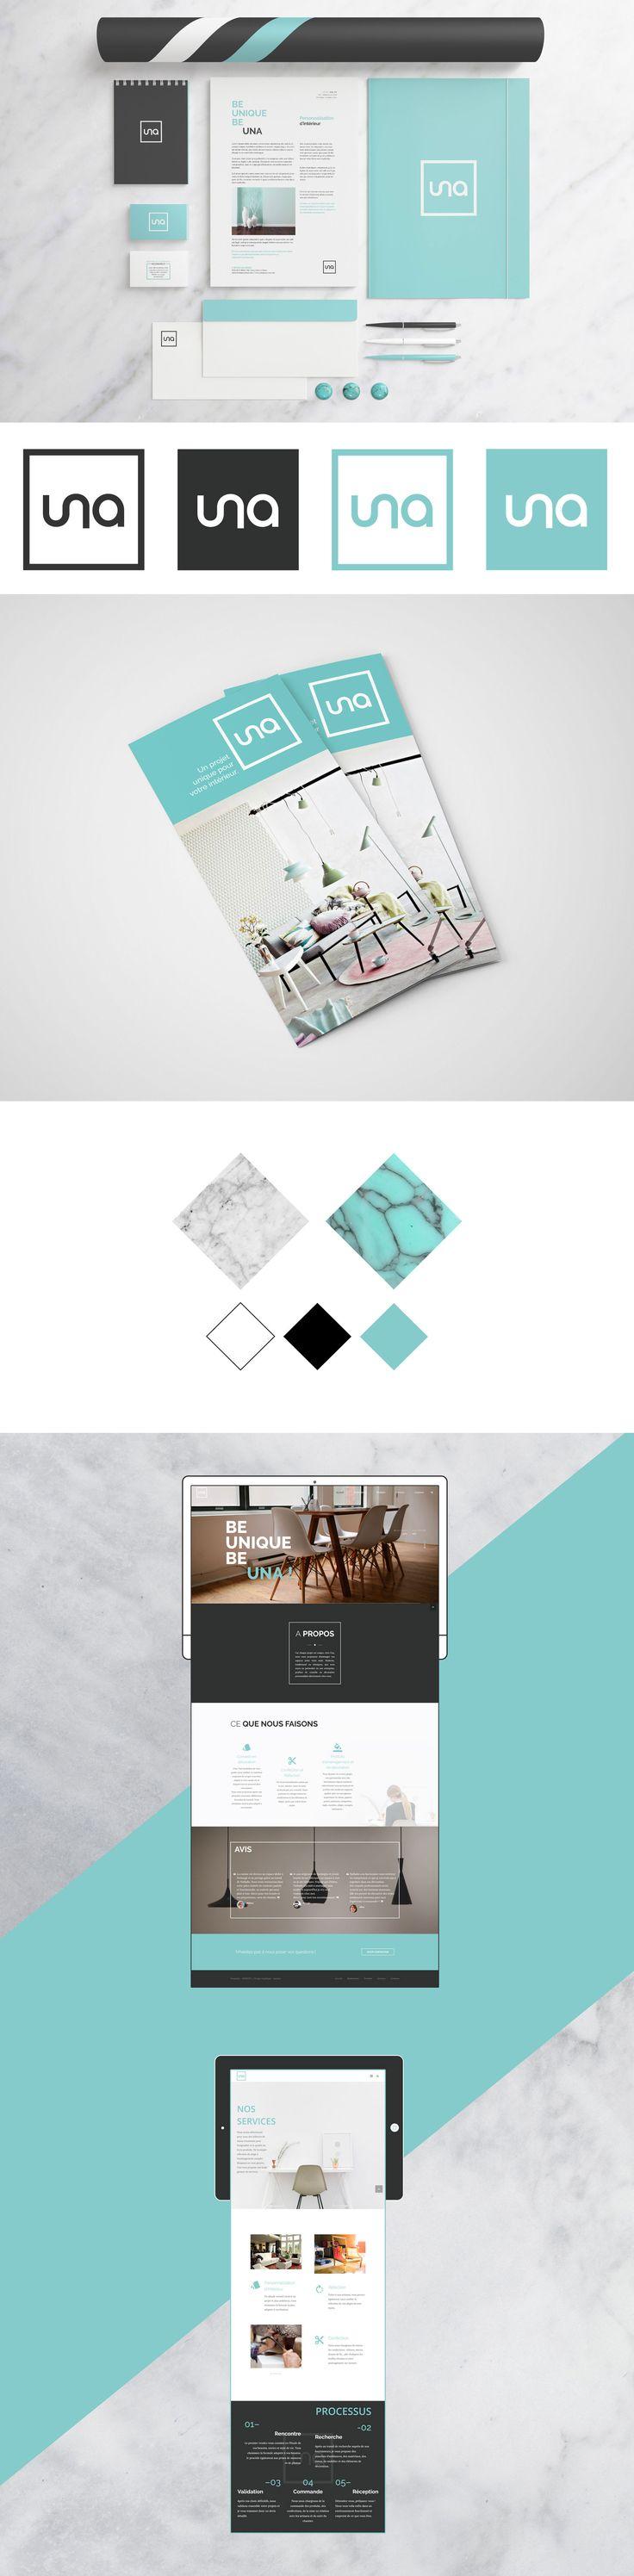 J'aime la possibilité de changer le visuel des logo simplement en interchangeant les couleurs. Ca donne une certaine unité et cohérence. En revanche, je n'aime pas trop leur bleu